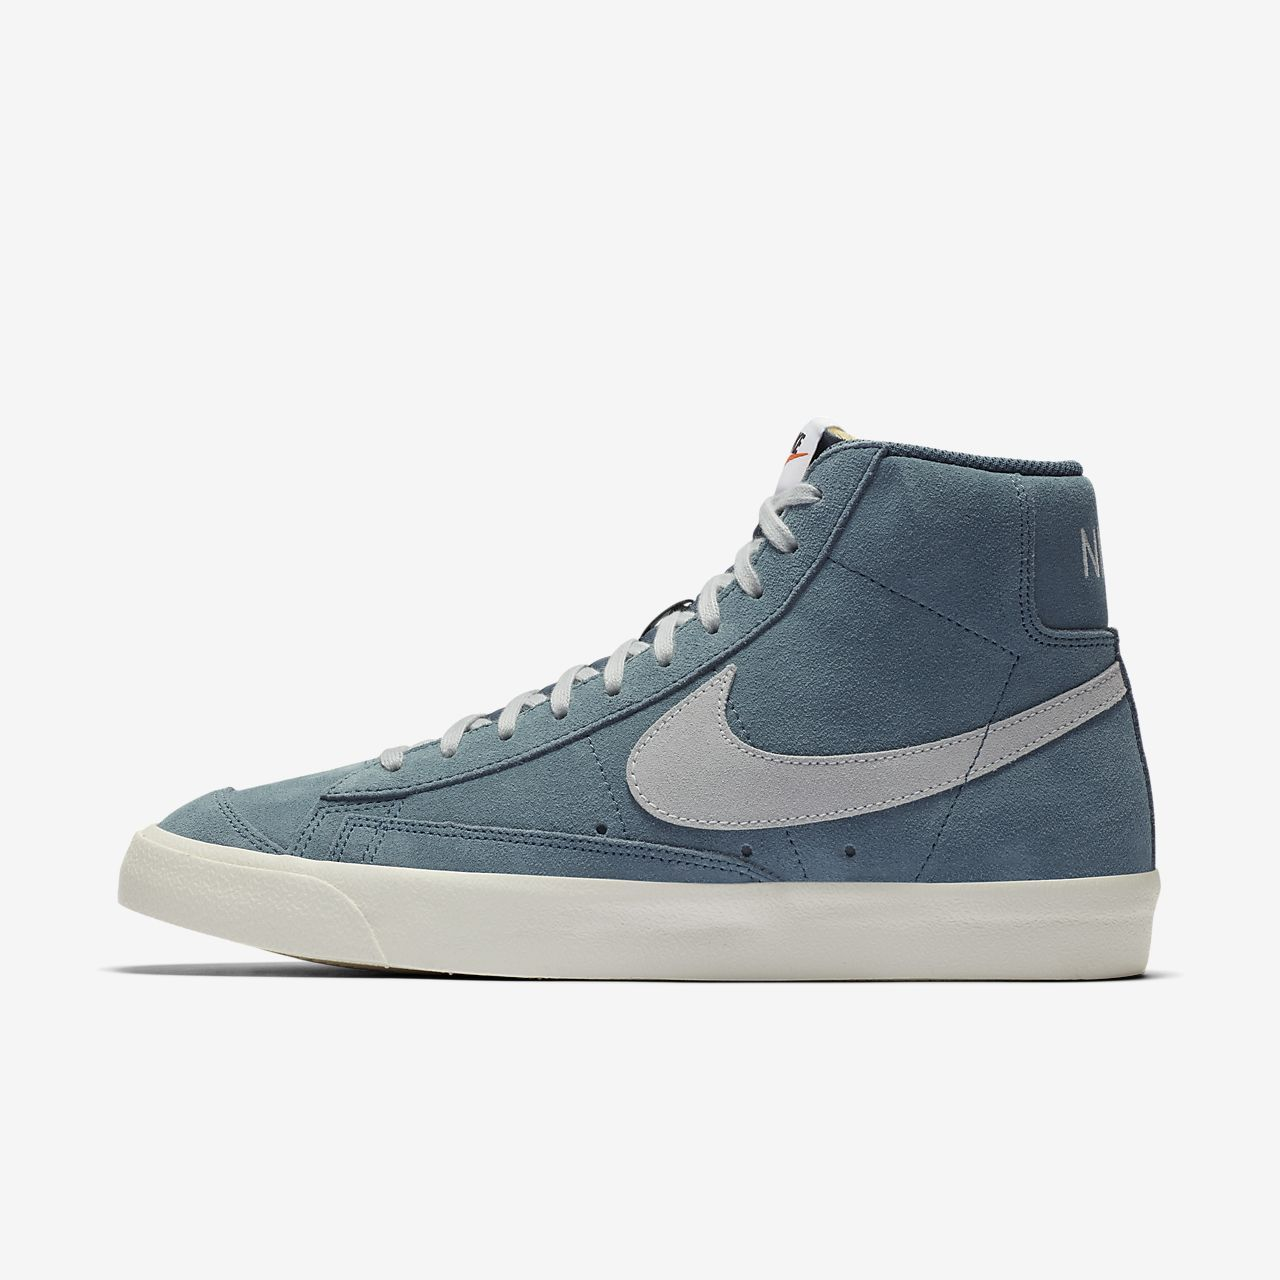 Nike Blazer Mid 77 Shoe Nike Gb Zapatillas Nike Para Hombre Zapatillas Mujer Nike Zapatos Deportivos De Moda